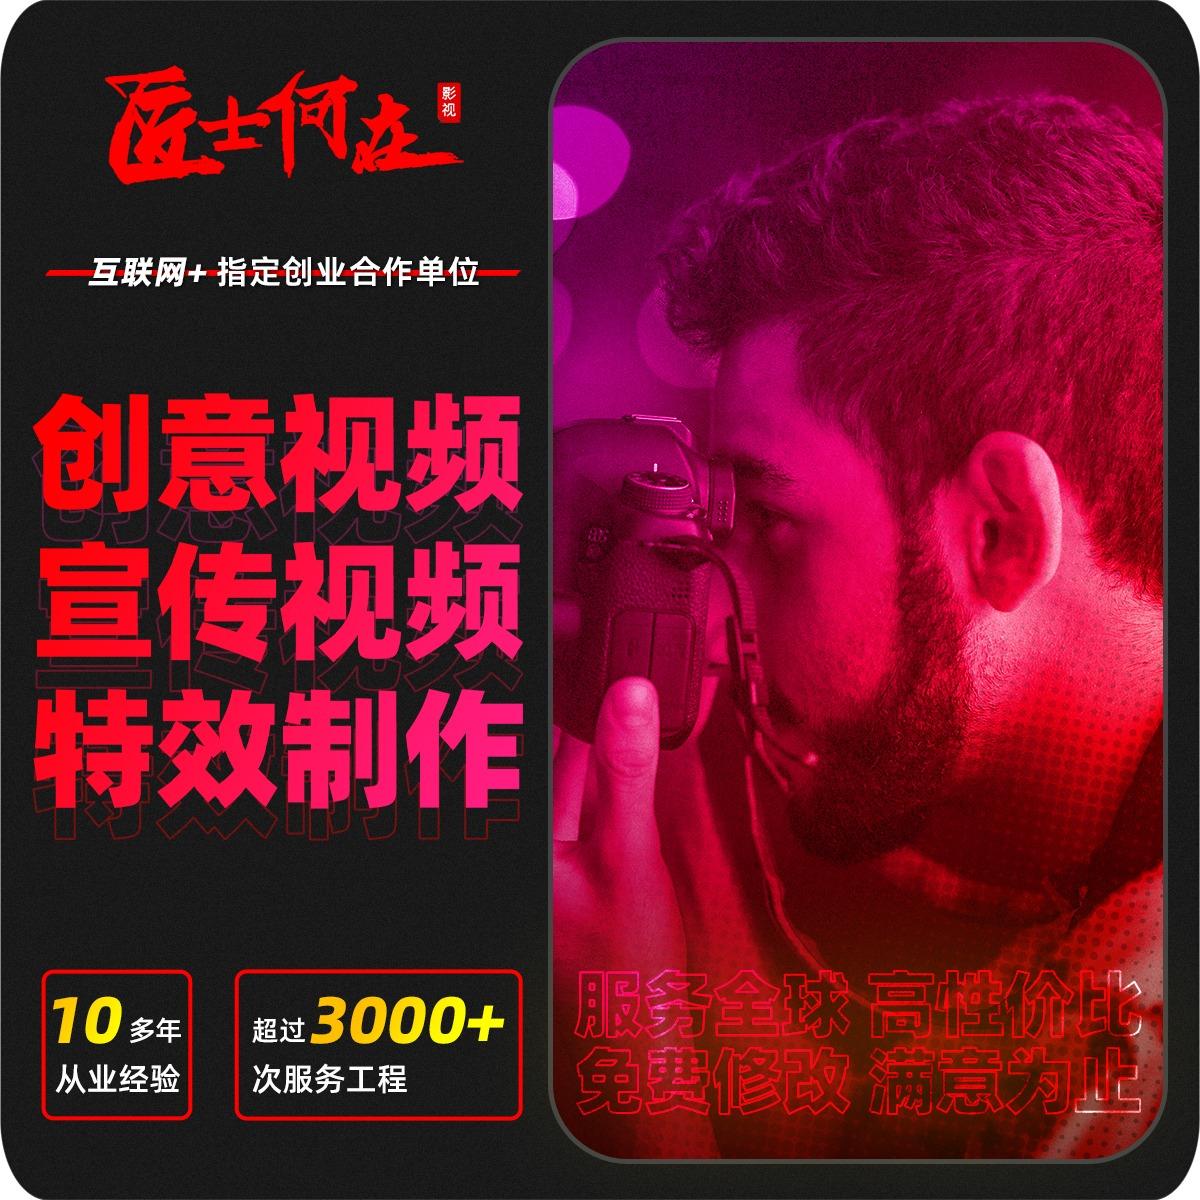 企业产品牌广告片宣传片形象片TVC微电影MV拍摄剪辑特效制作